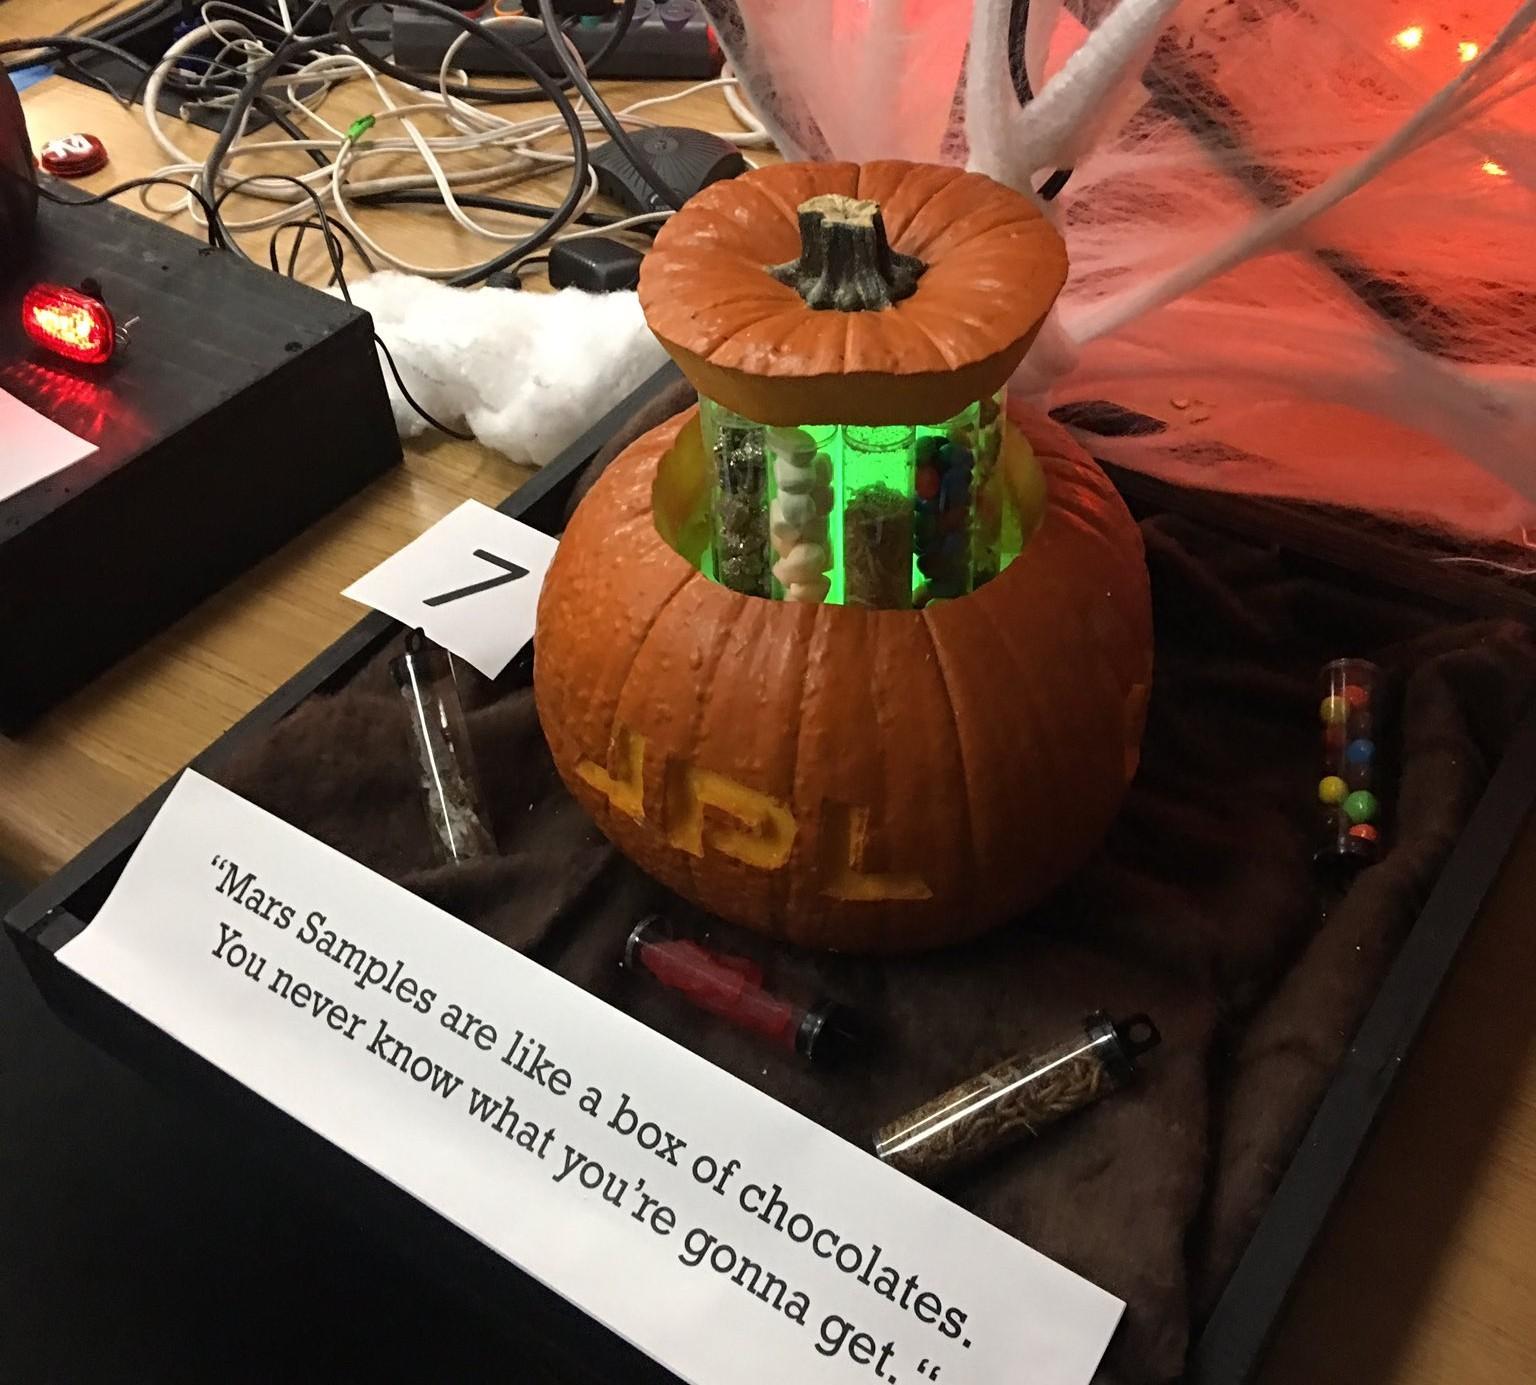 Цифровой Хэллоуин 2016 - 4